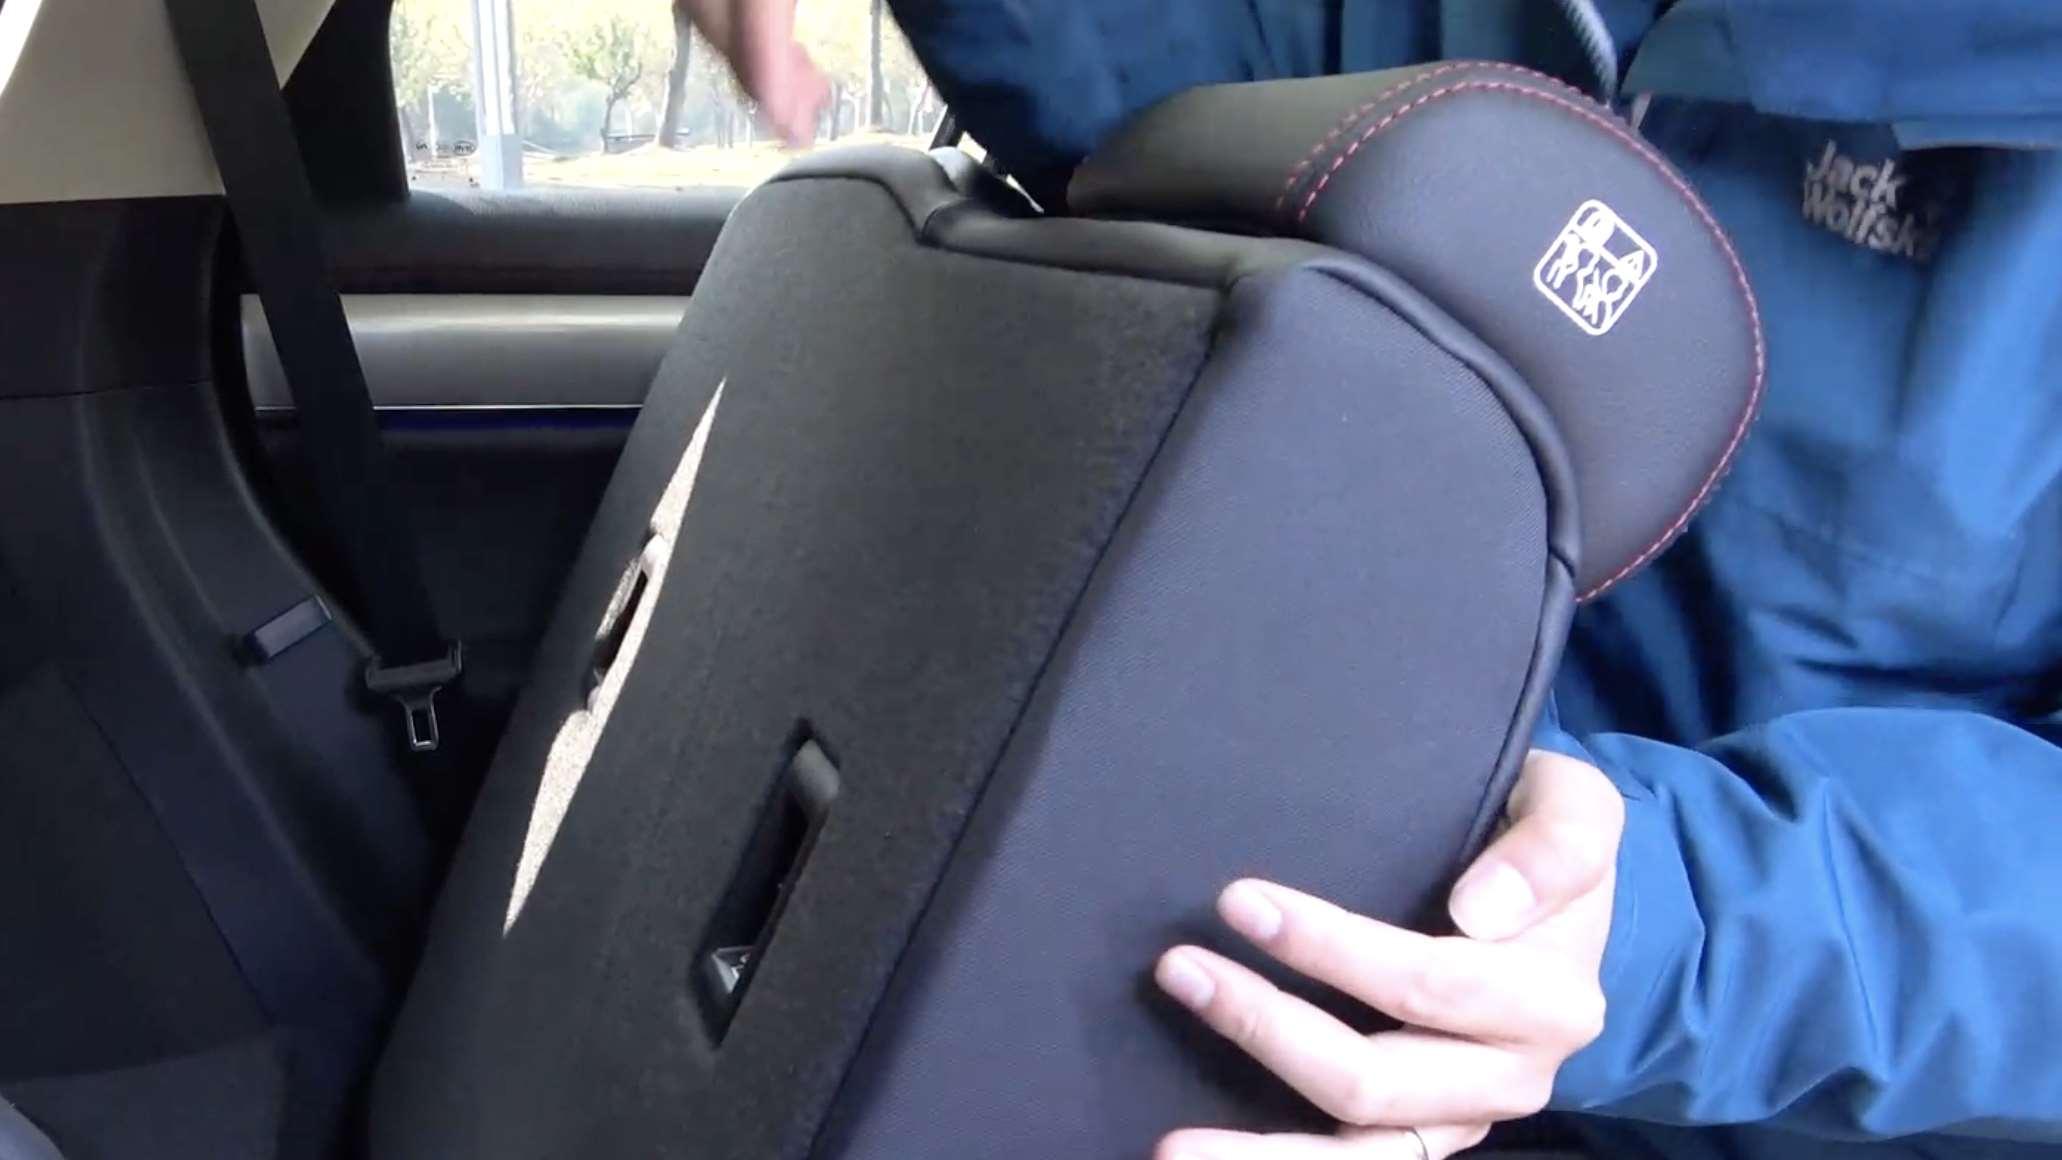 儿童座椅放在车的哪个位置最安全?